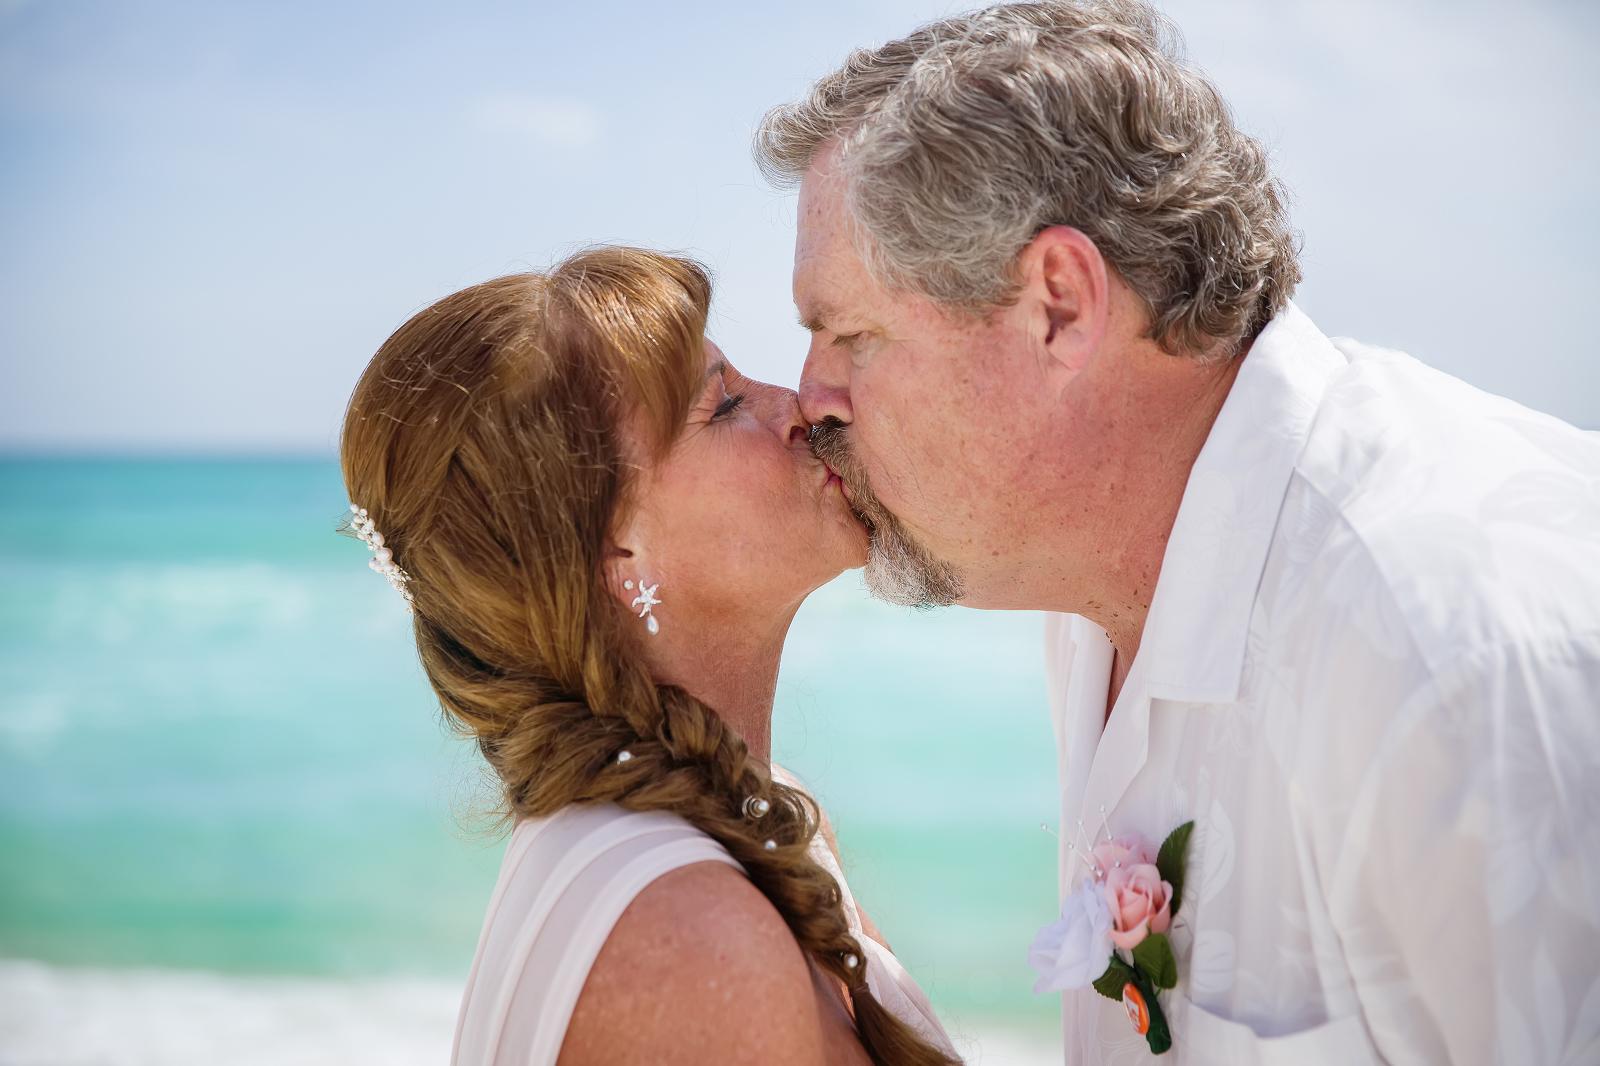 Wedding on a beach, couple portraits